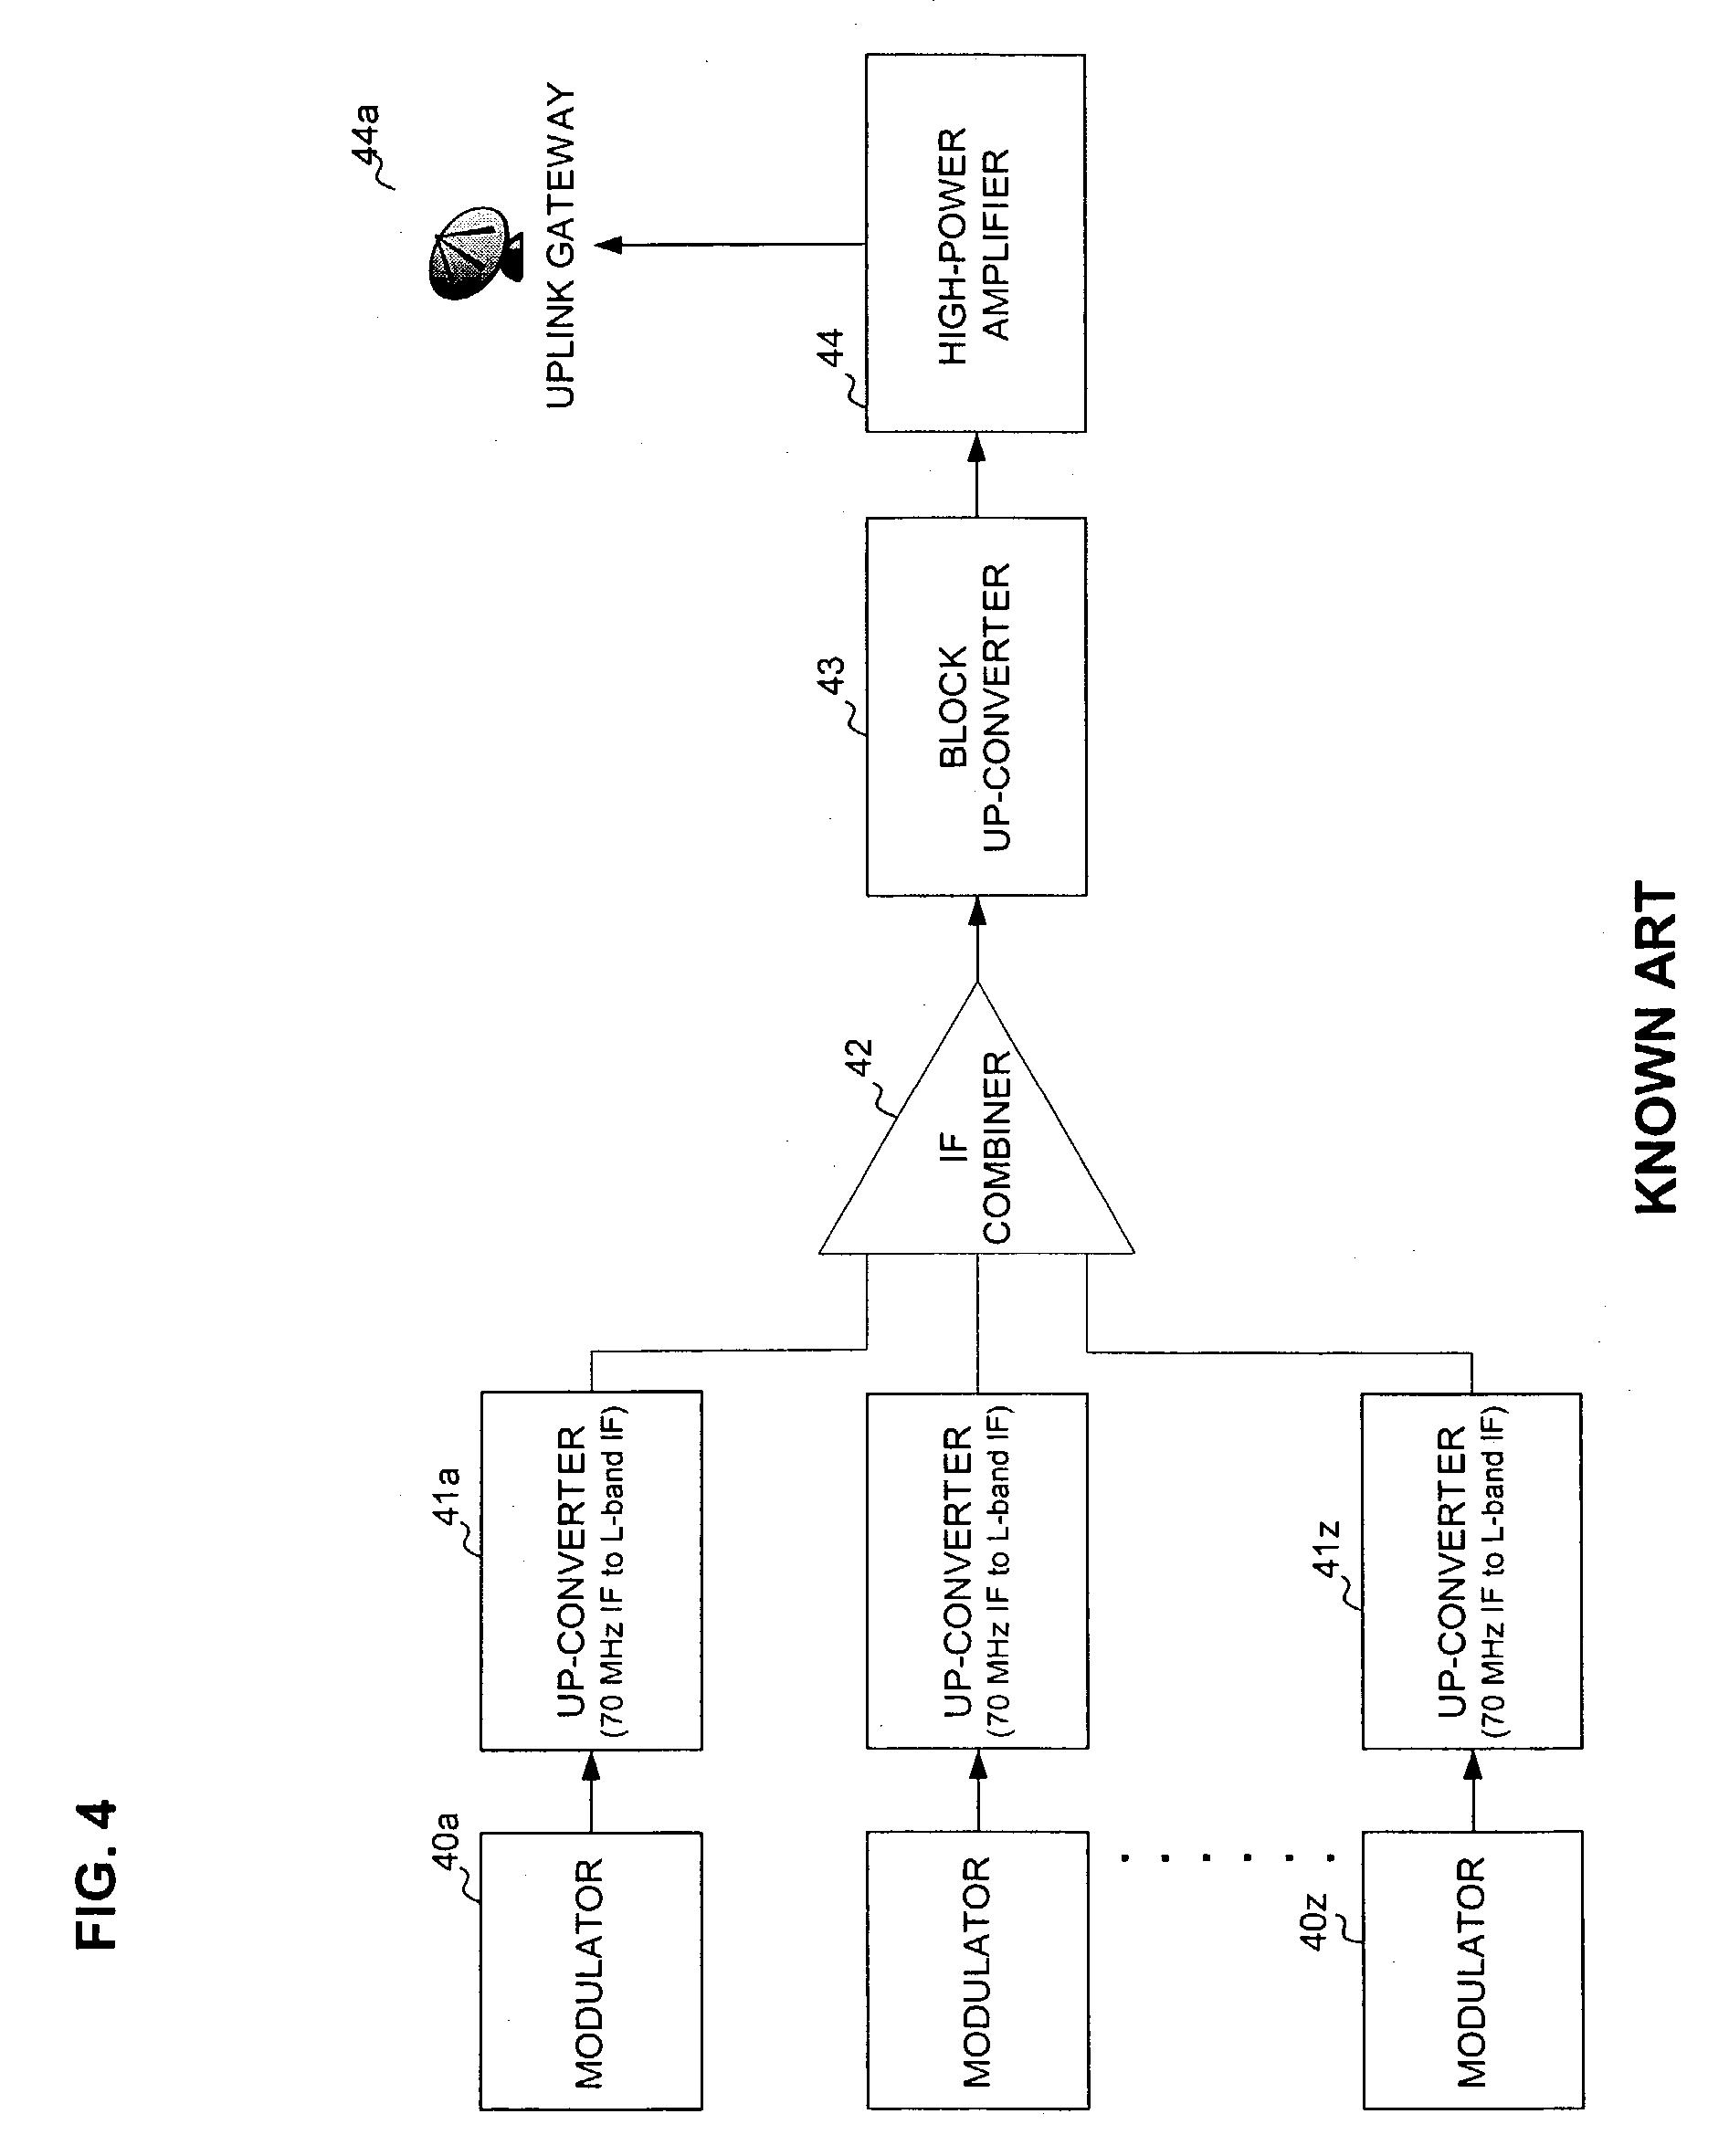 patent us20030217362